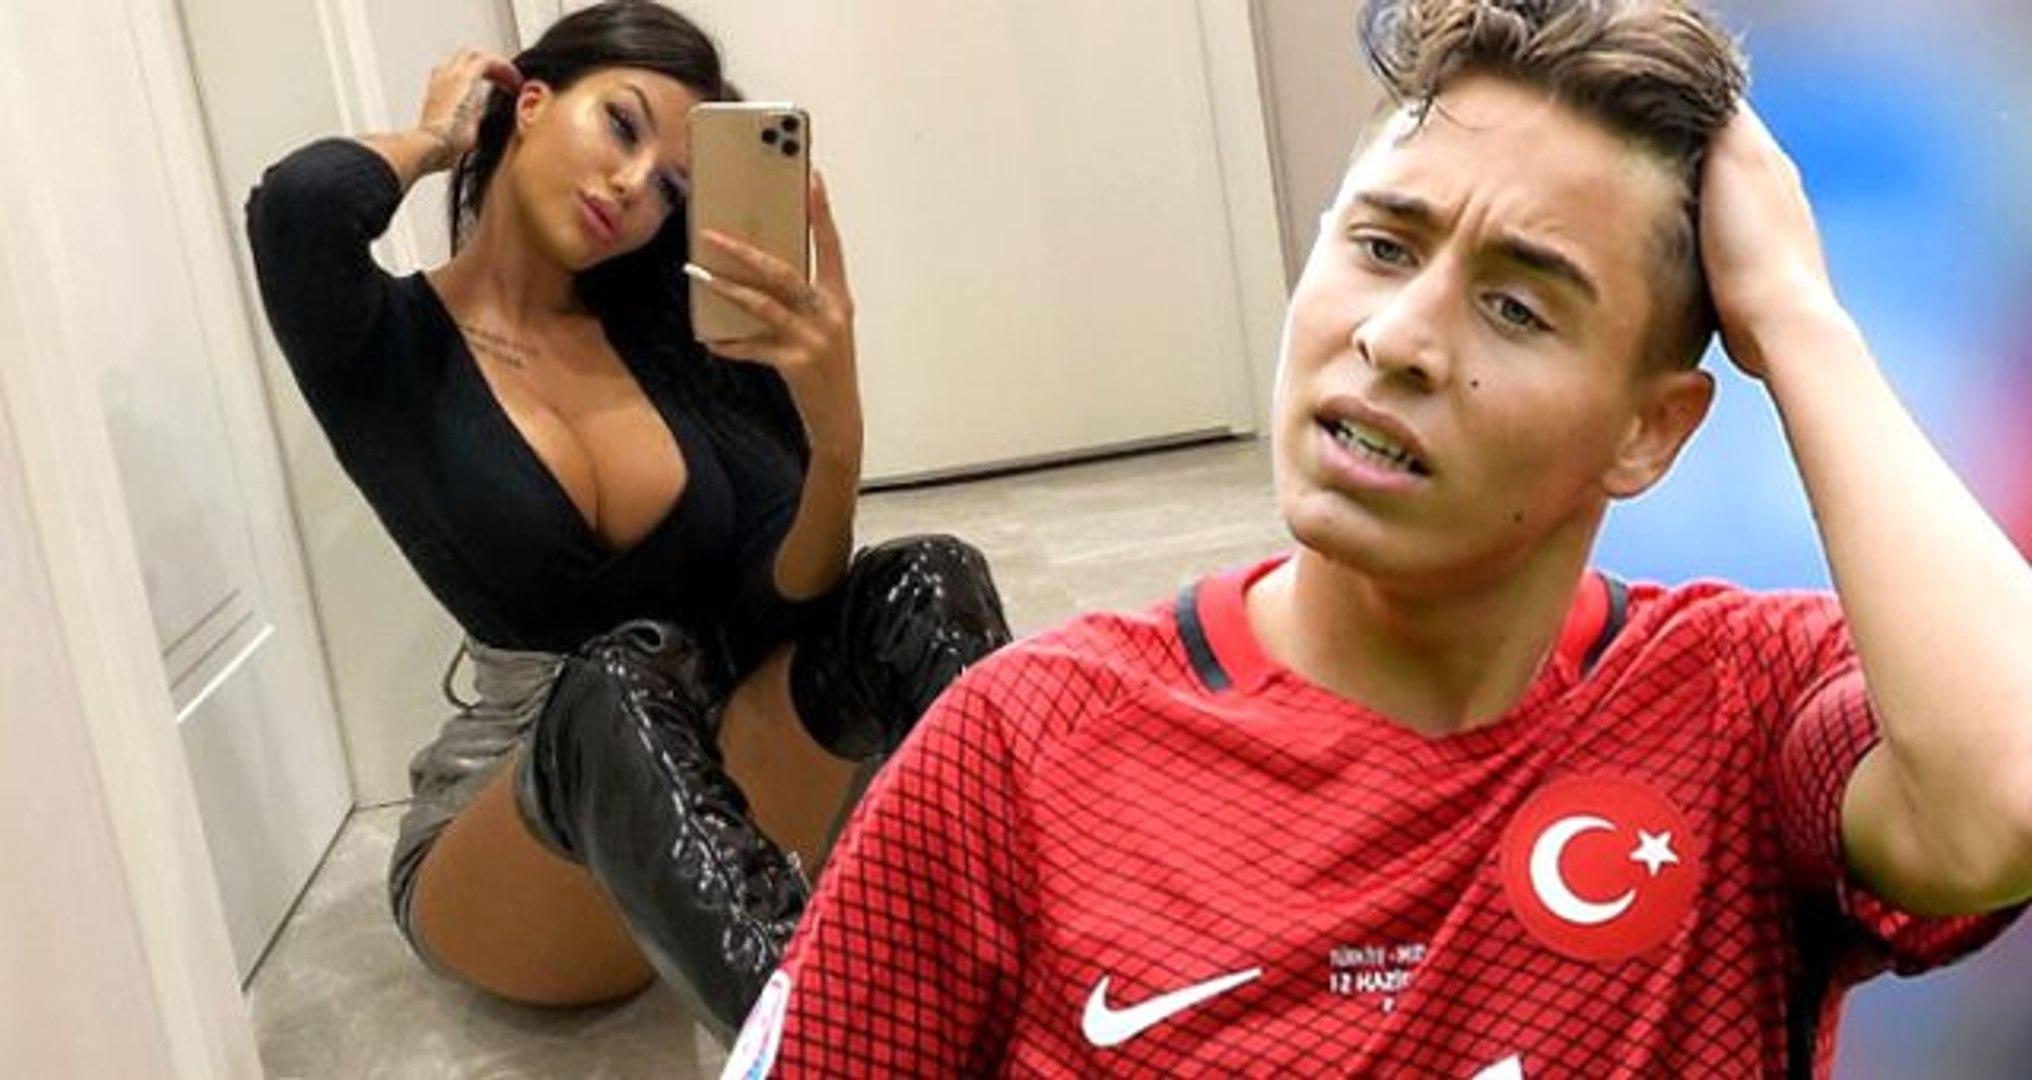 Sosyal medya fenomeni kadın, futbolcu Emre Mor'un attığı mesajı ifşa etti